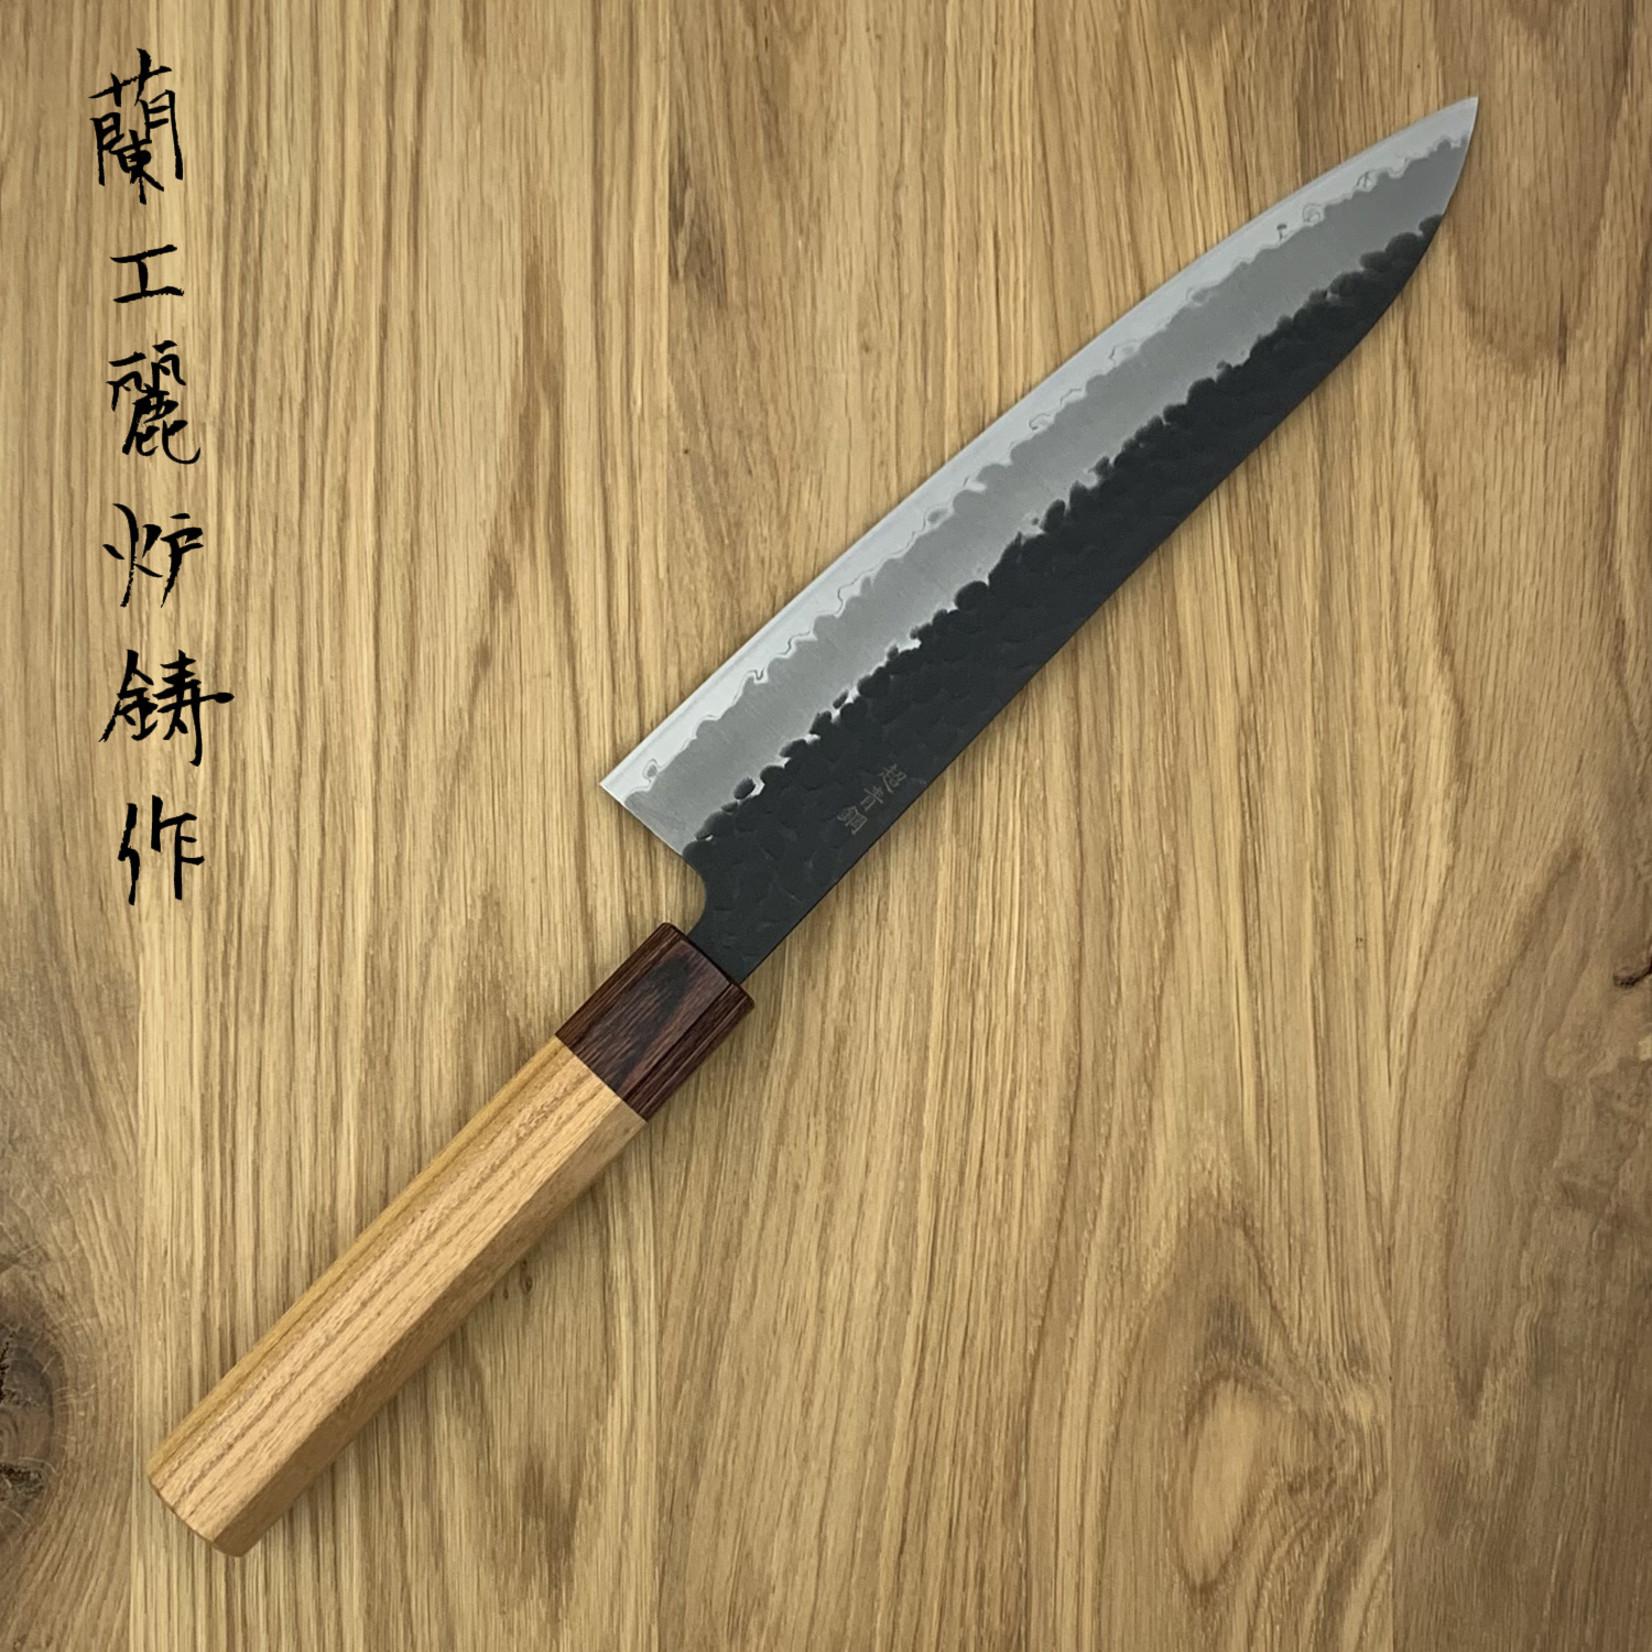 SAKAI TAKAYUKI Gyuto 240 mm 3 layers hammered AS+ Zelkova 01194